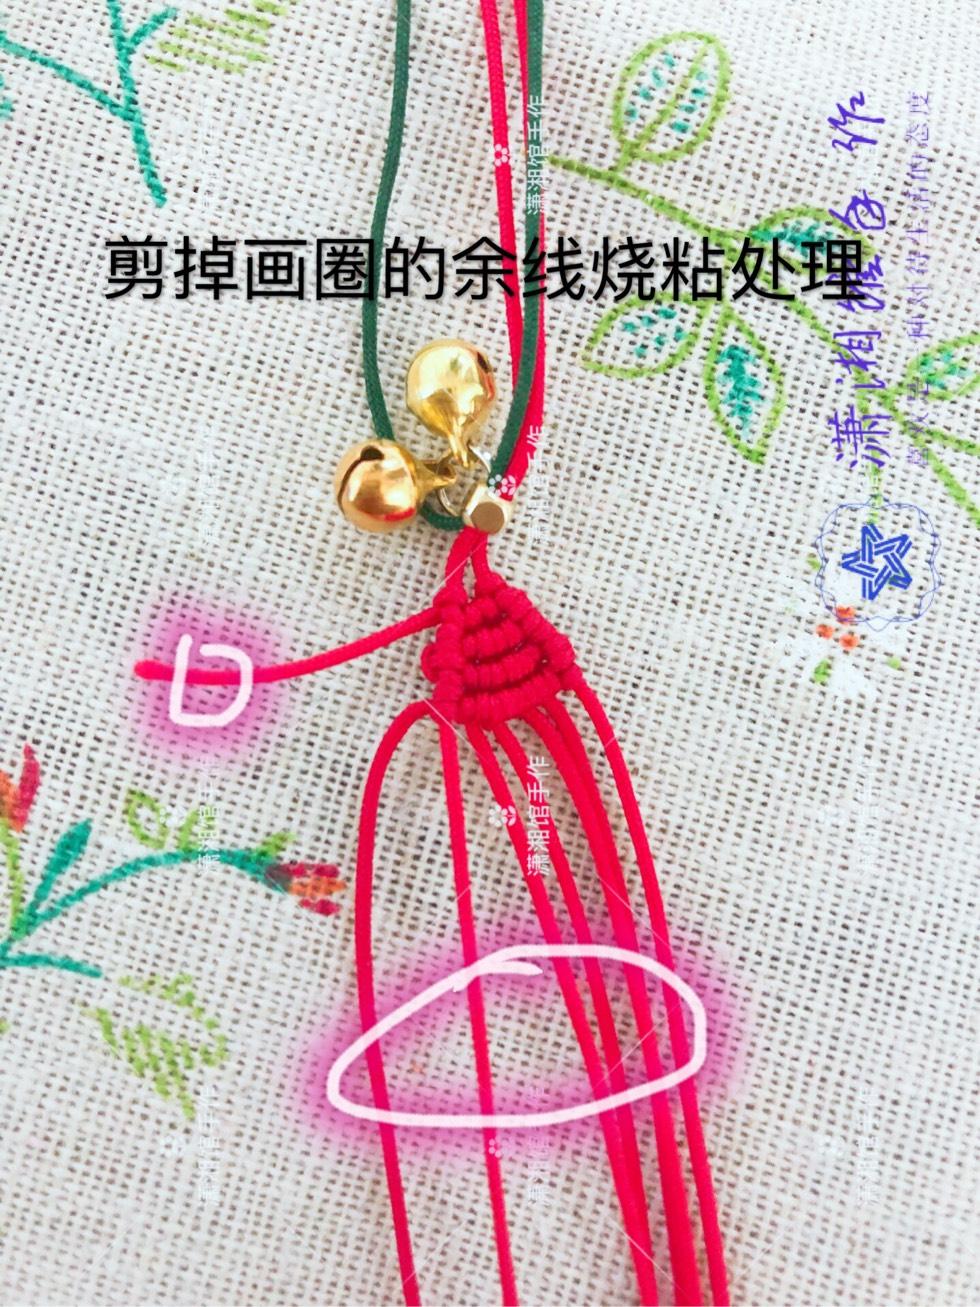 中国结论坛 圣诞节蝴蝶结手链  图文教程区 114905r5oz72utromw950m